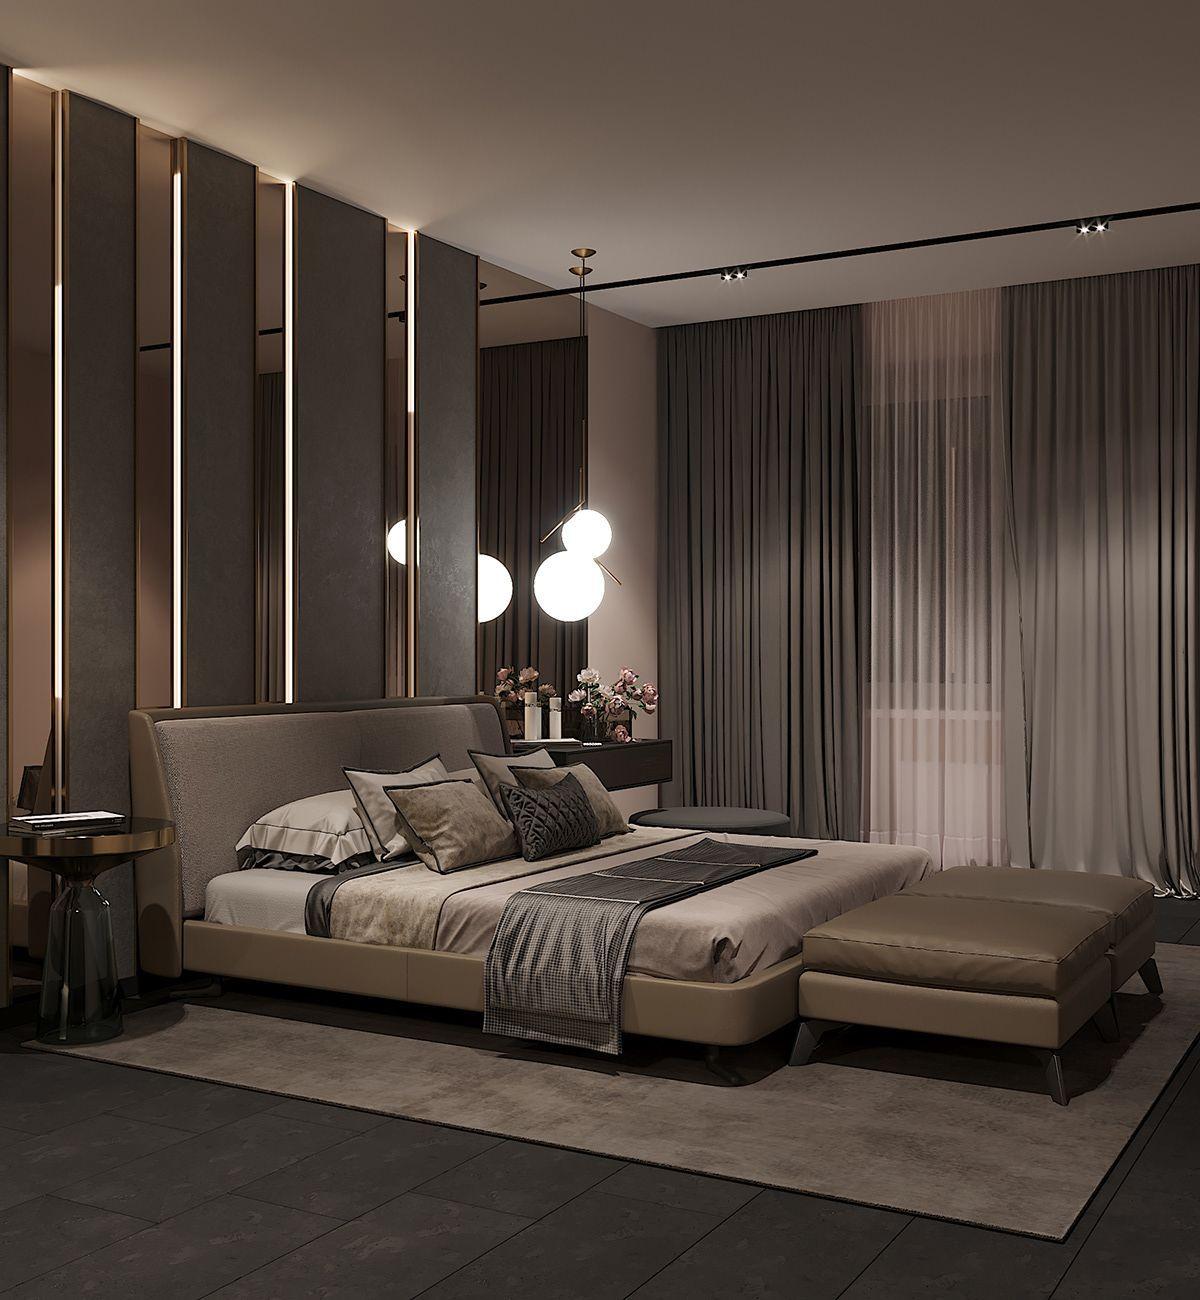 Luxurycontemporarybedrooms Bedroom Bed Design Luxury Bedroom Master Contemporary Style Bedroom Simple luxury room design